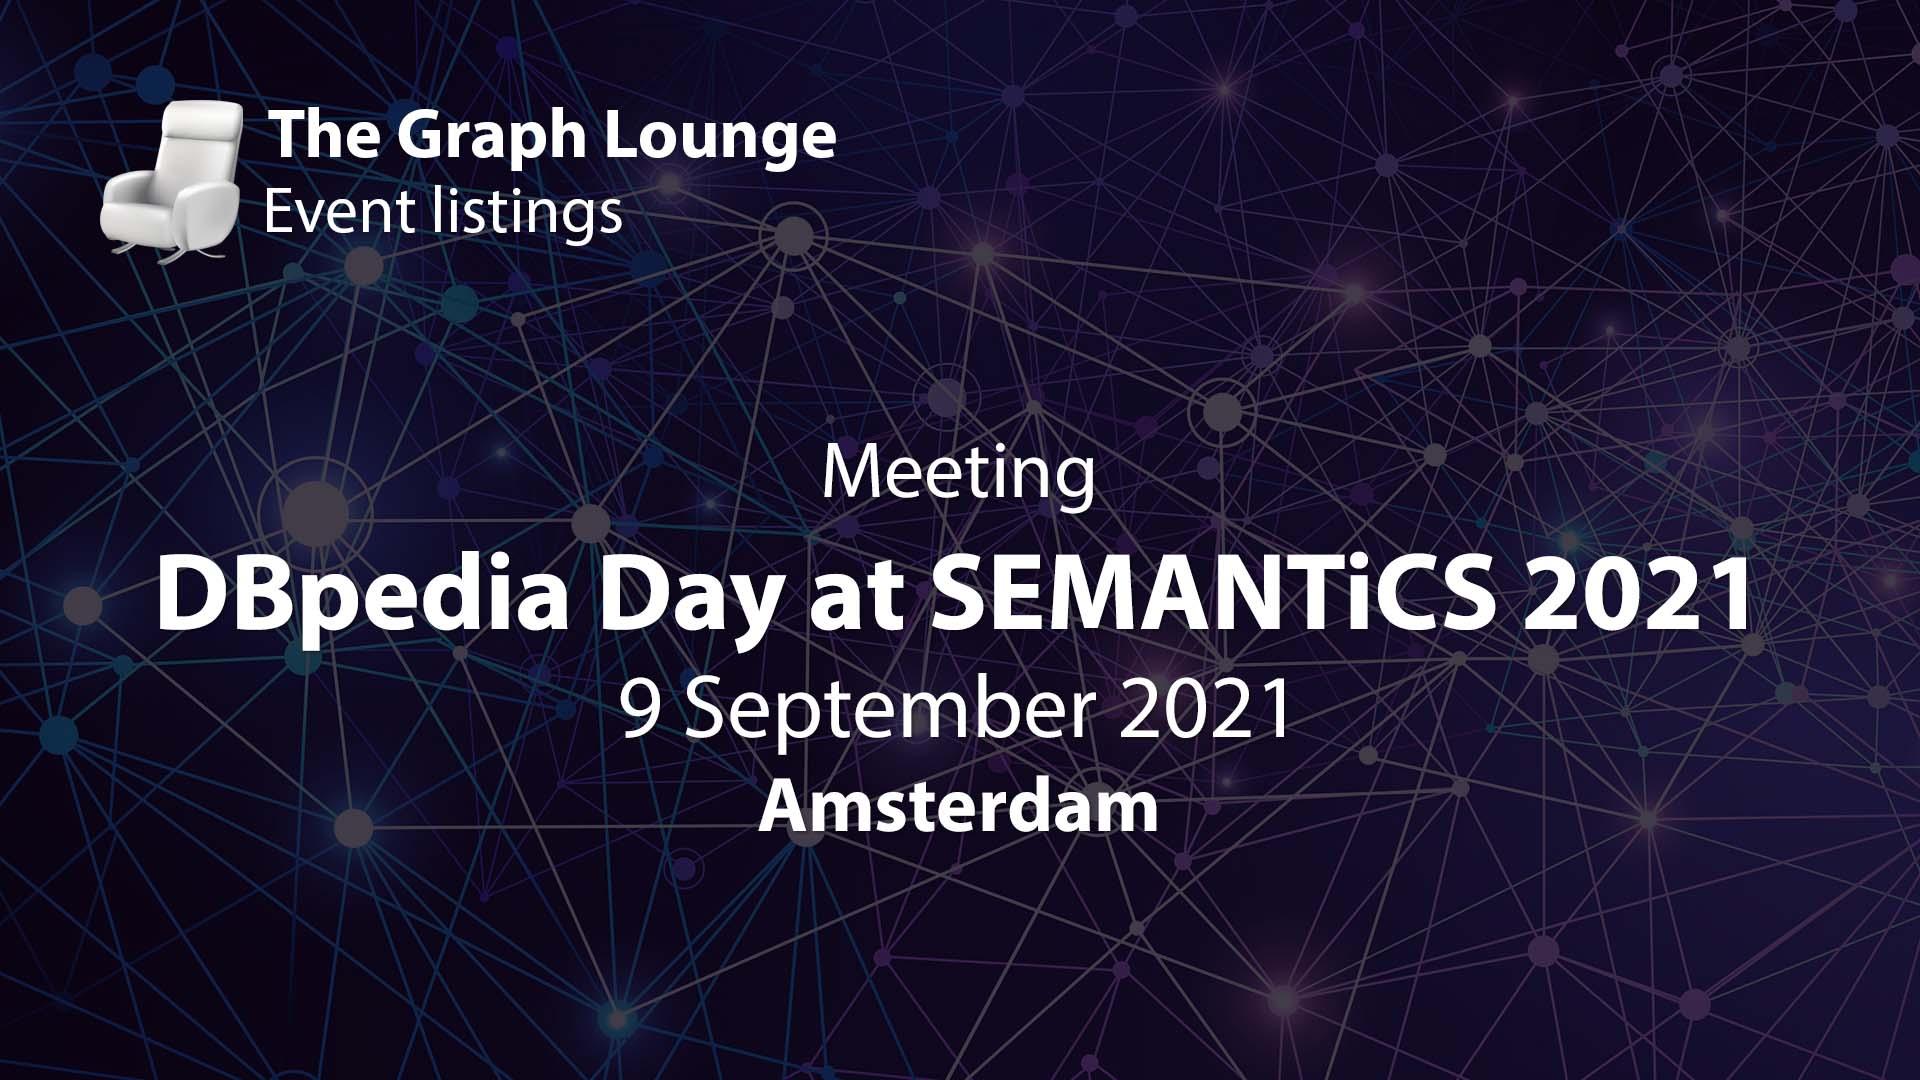 DBpedia Day at SEMANTiCS 2021